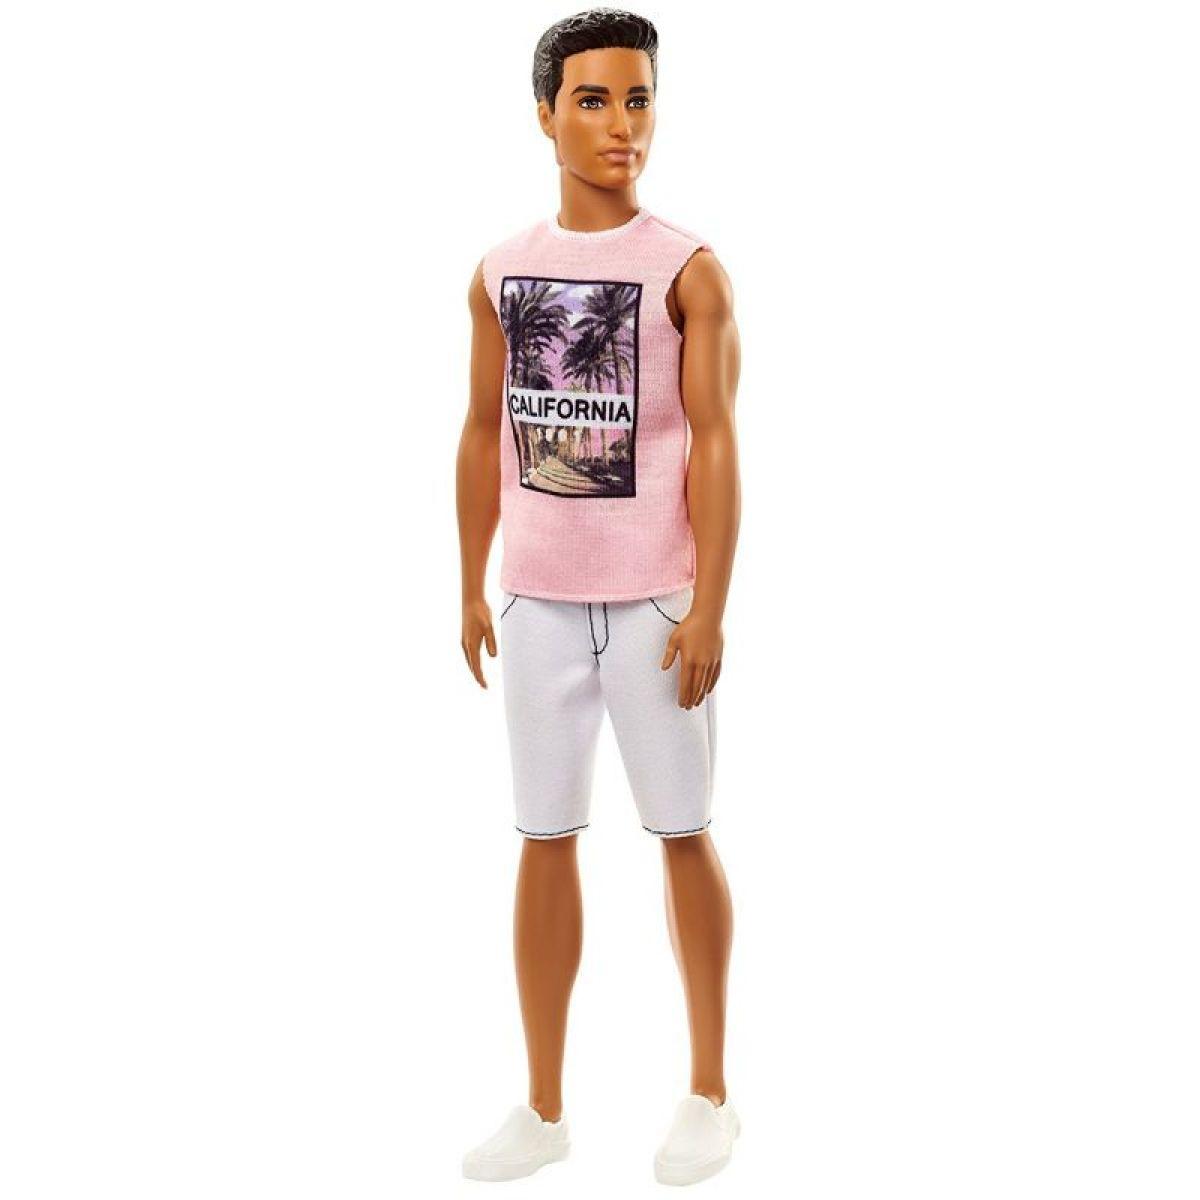 Mattel Barbie model Ken 17